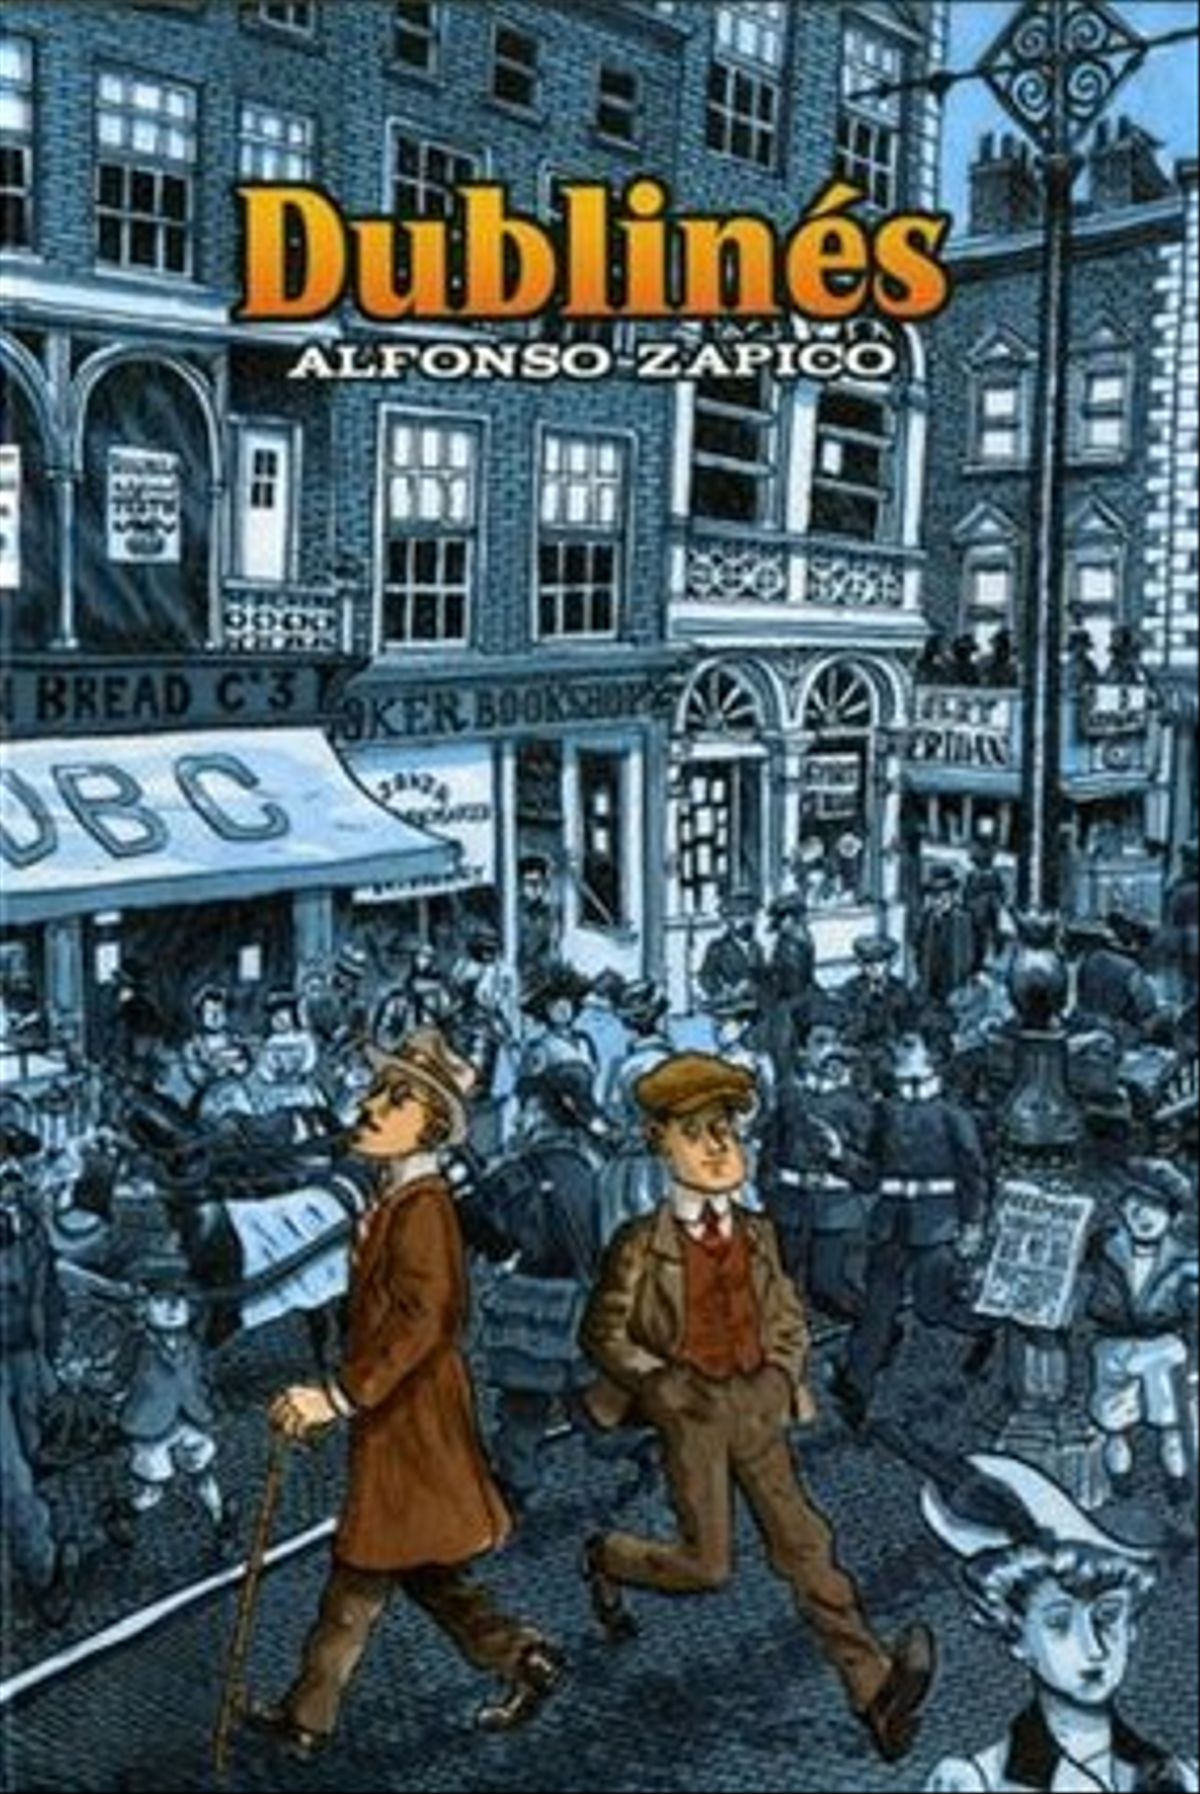 Portada de 'Dublinés', obra con la que Alfonso Zapico ha ganado el Premio Nacional de Cómic